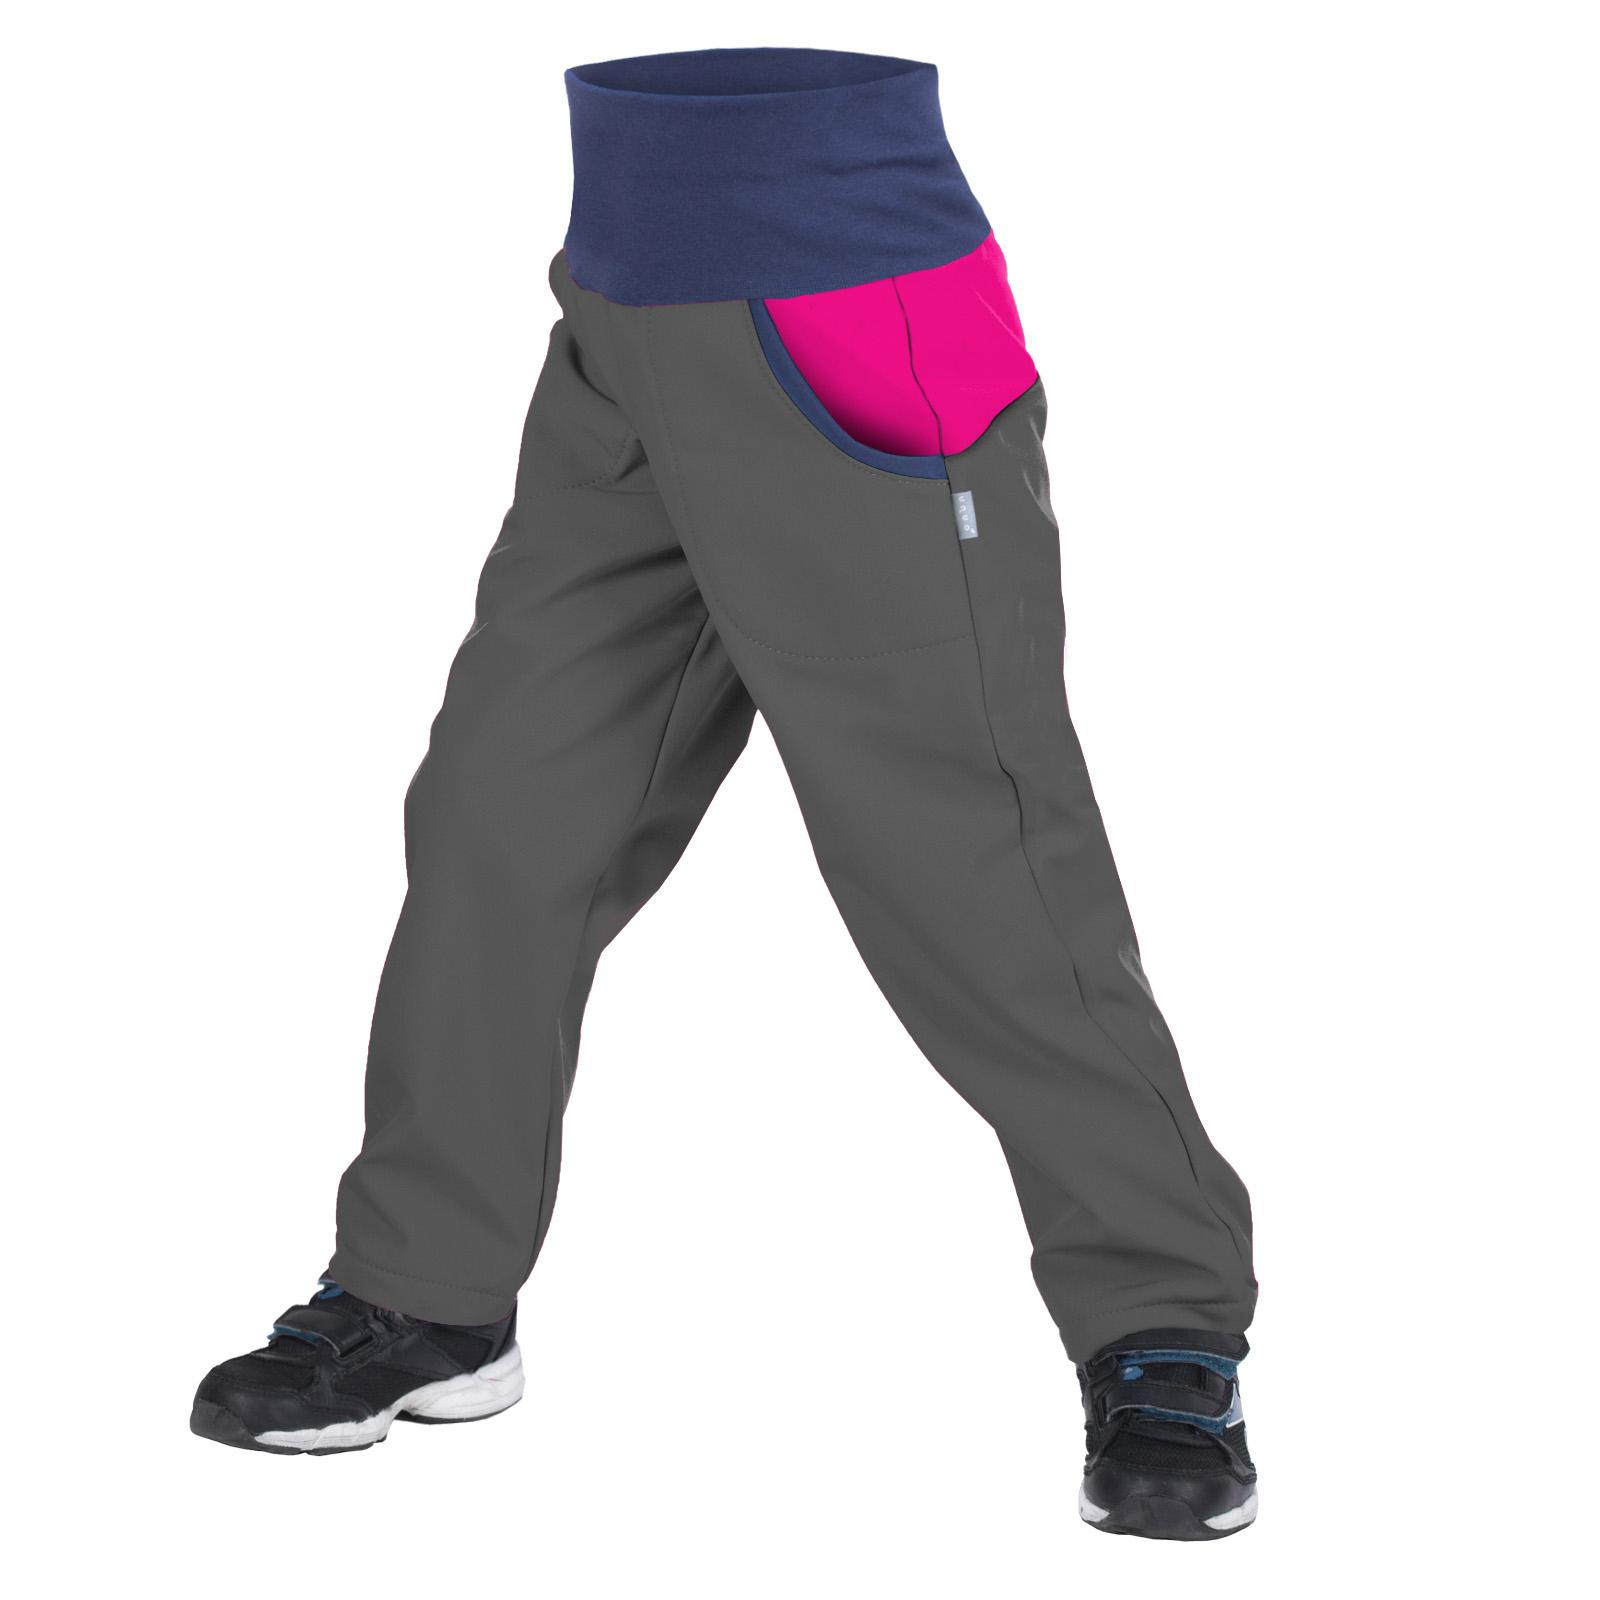 Unuo, Dětské softshellové kalhoty s fleecem DUO, Tm. Šedá, Fuchsiová Velikost: 110/116 dětské kalhoty